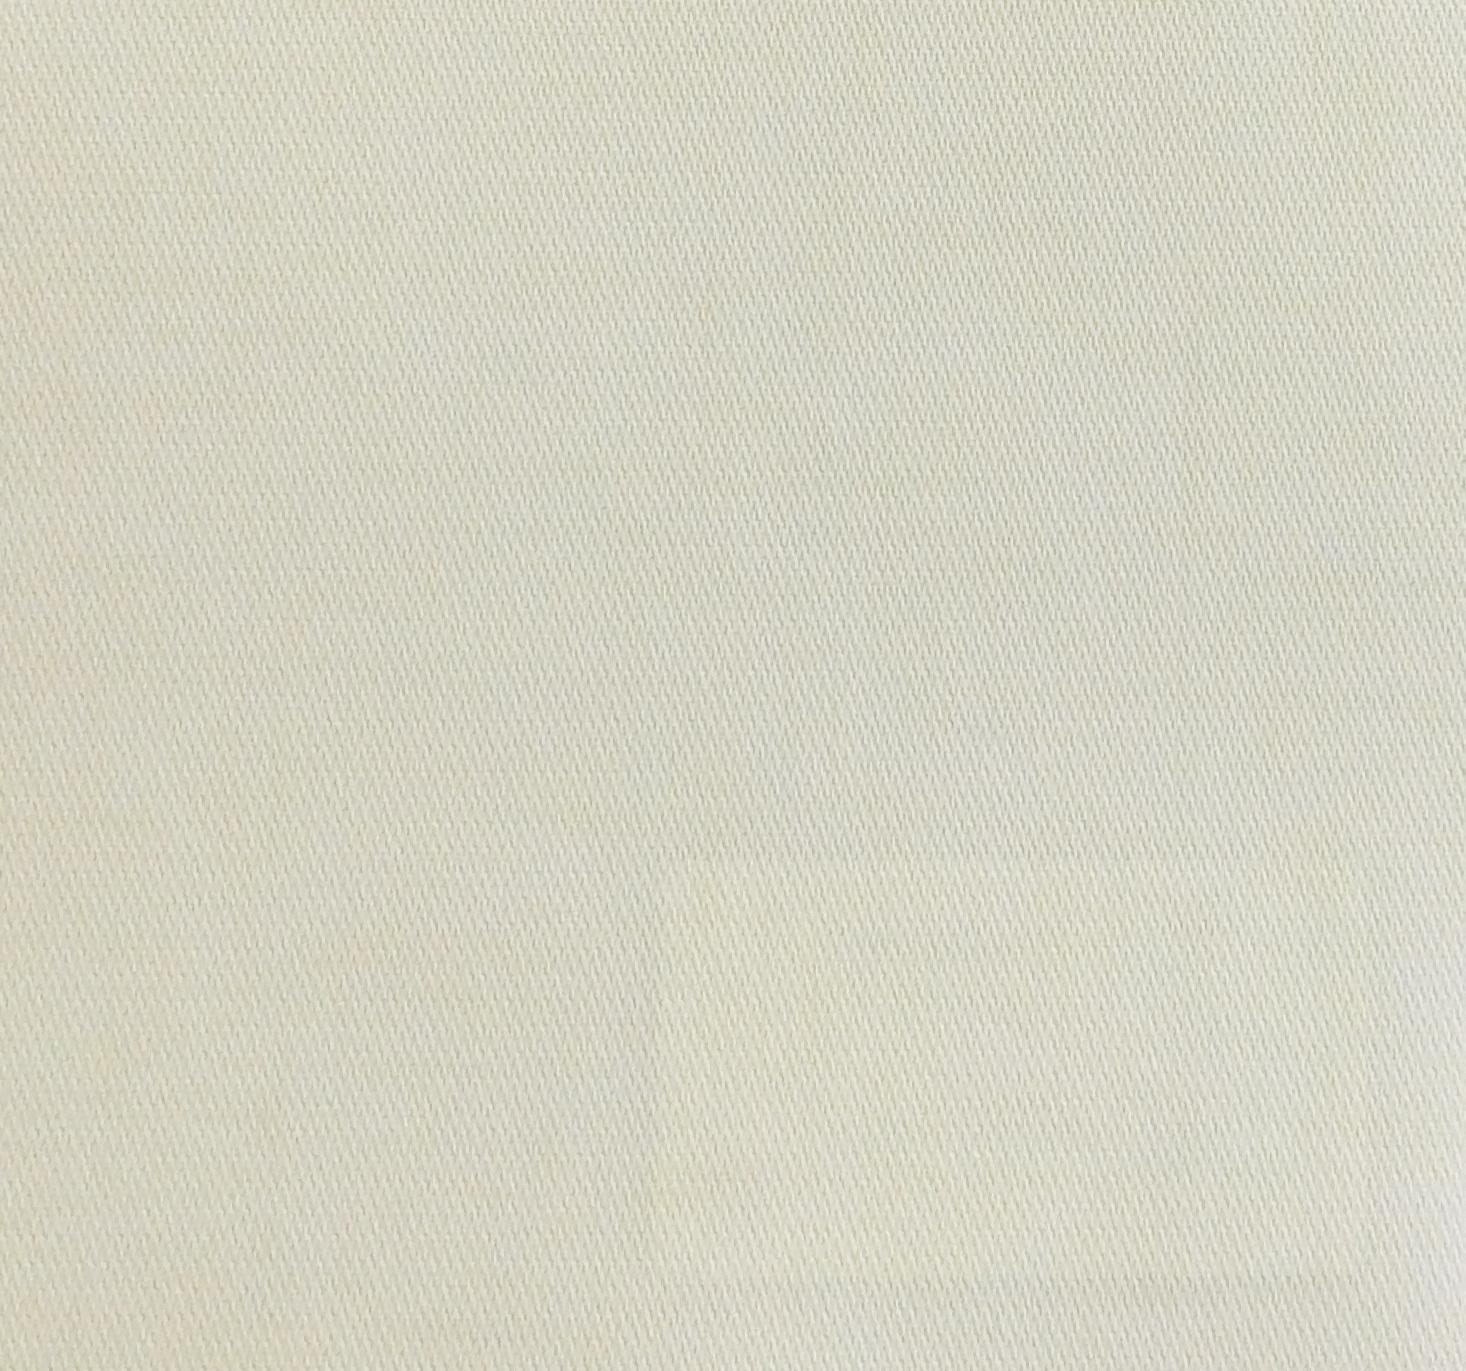 Spectrum Cotton Blind Sample Fabric